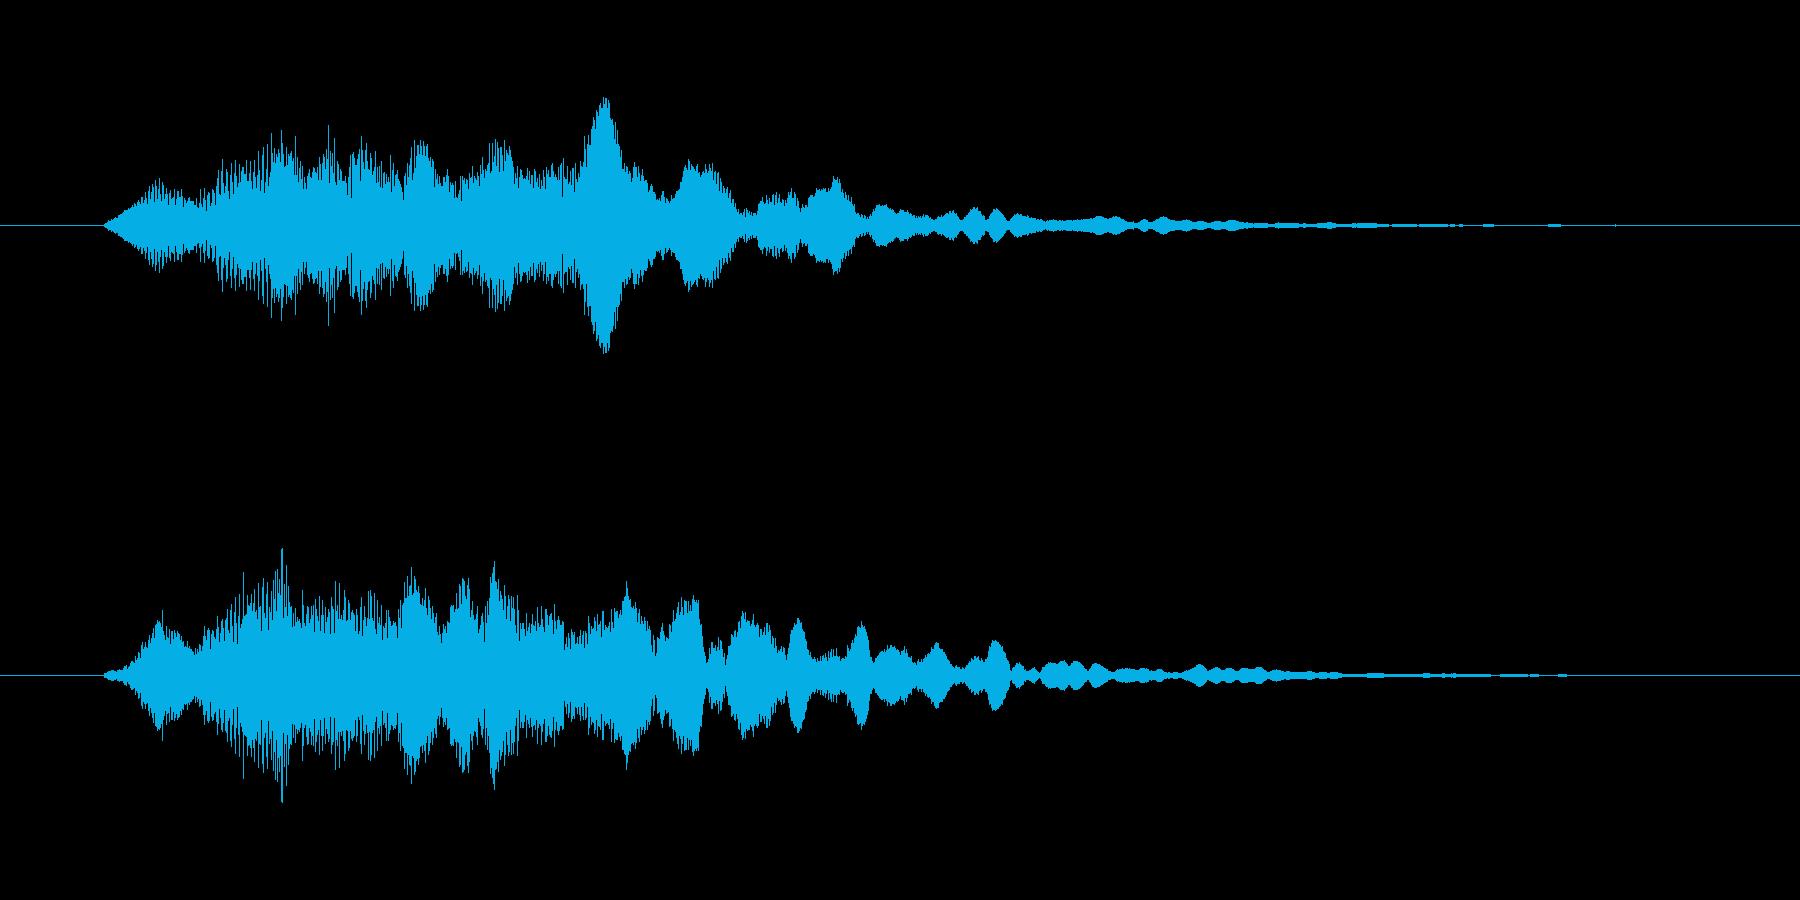 和風で神秘的な効果音ですの再生済みの波形